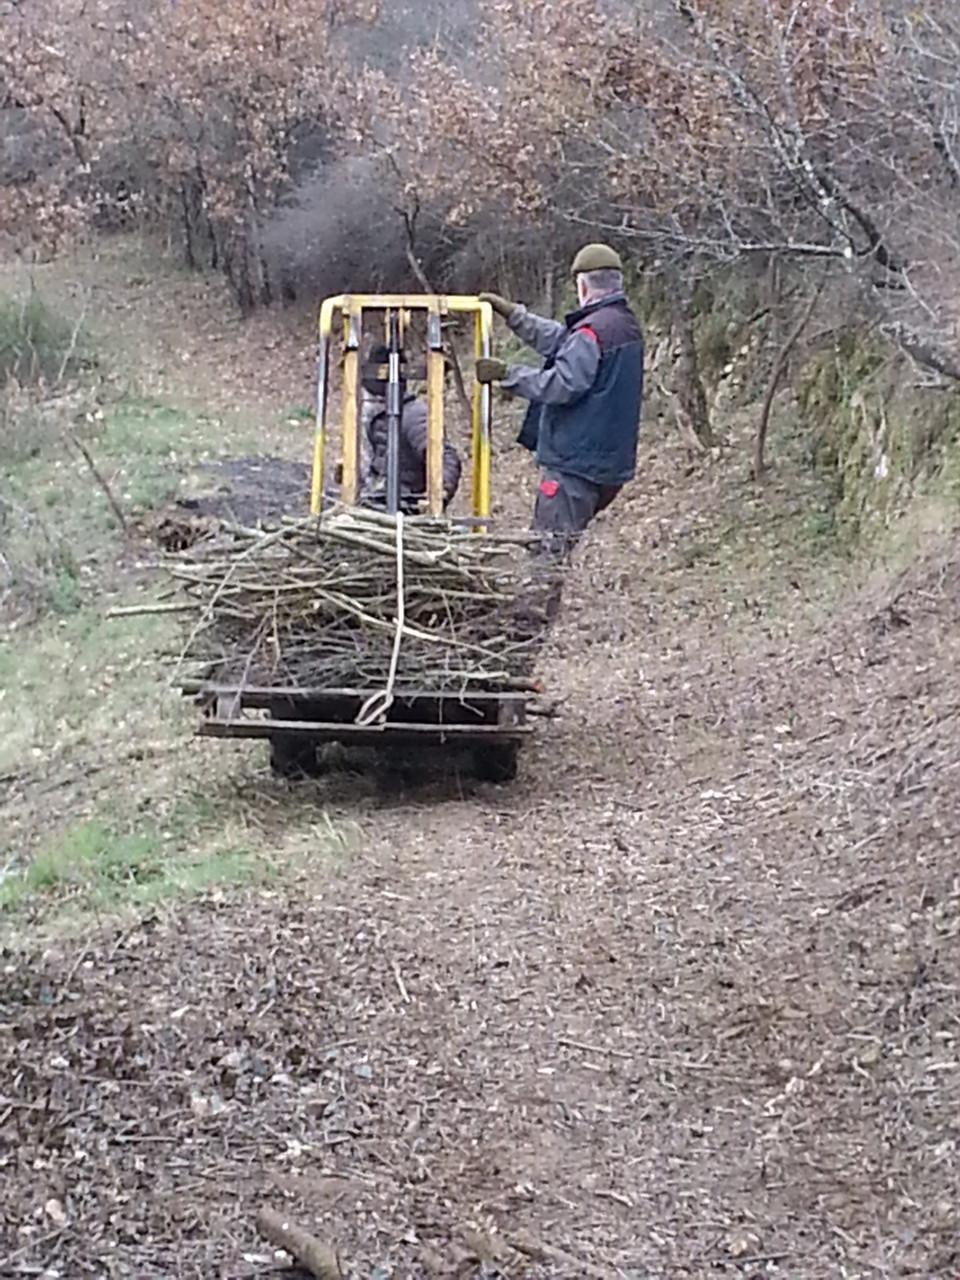 Vive  Denis et son petit tracteur